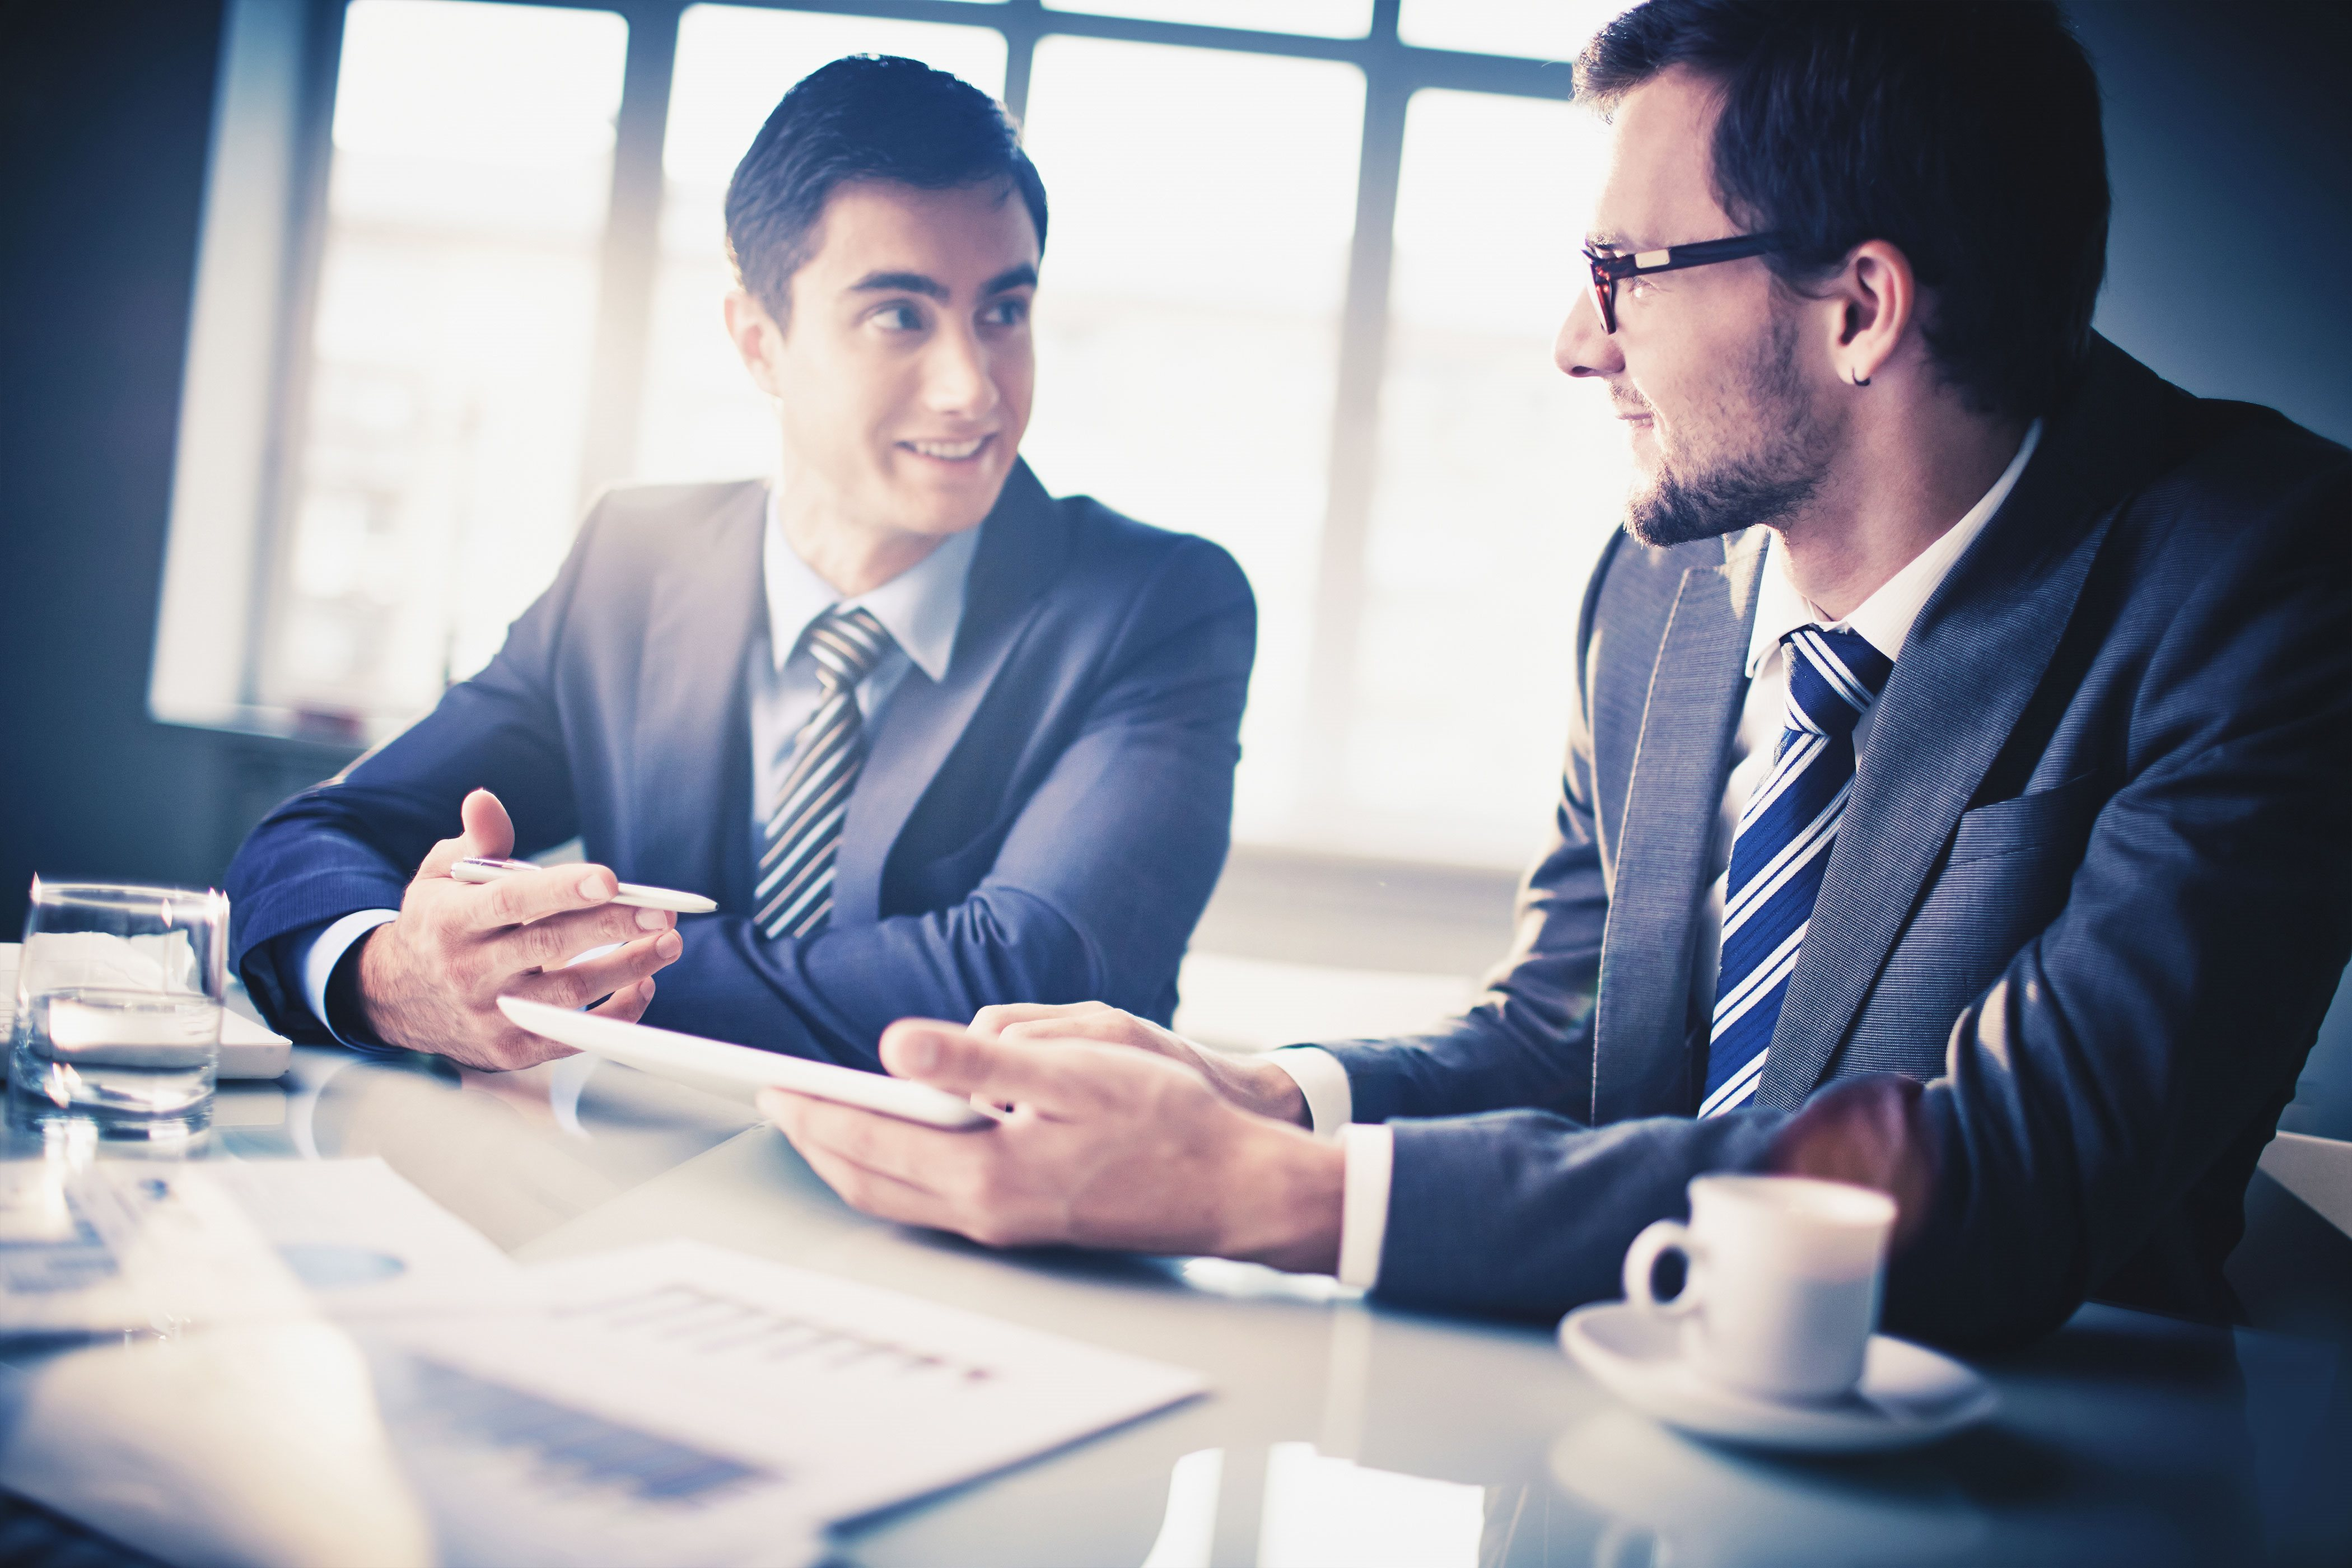 Аудиторское, бухгалтерское, юридическое и консалтинговое сопровождение частных и юридических лиц